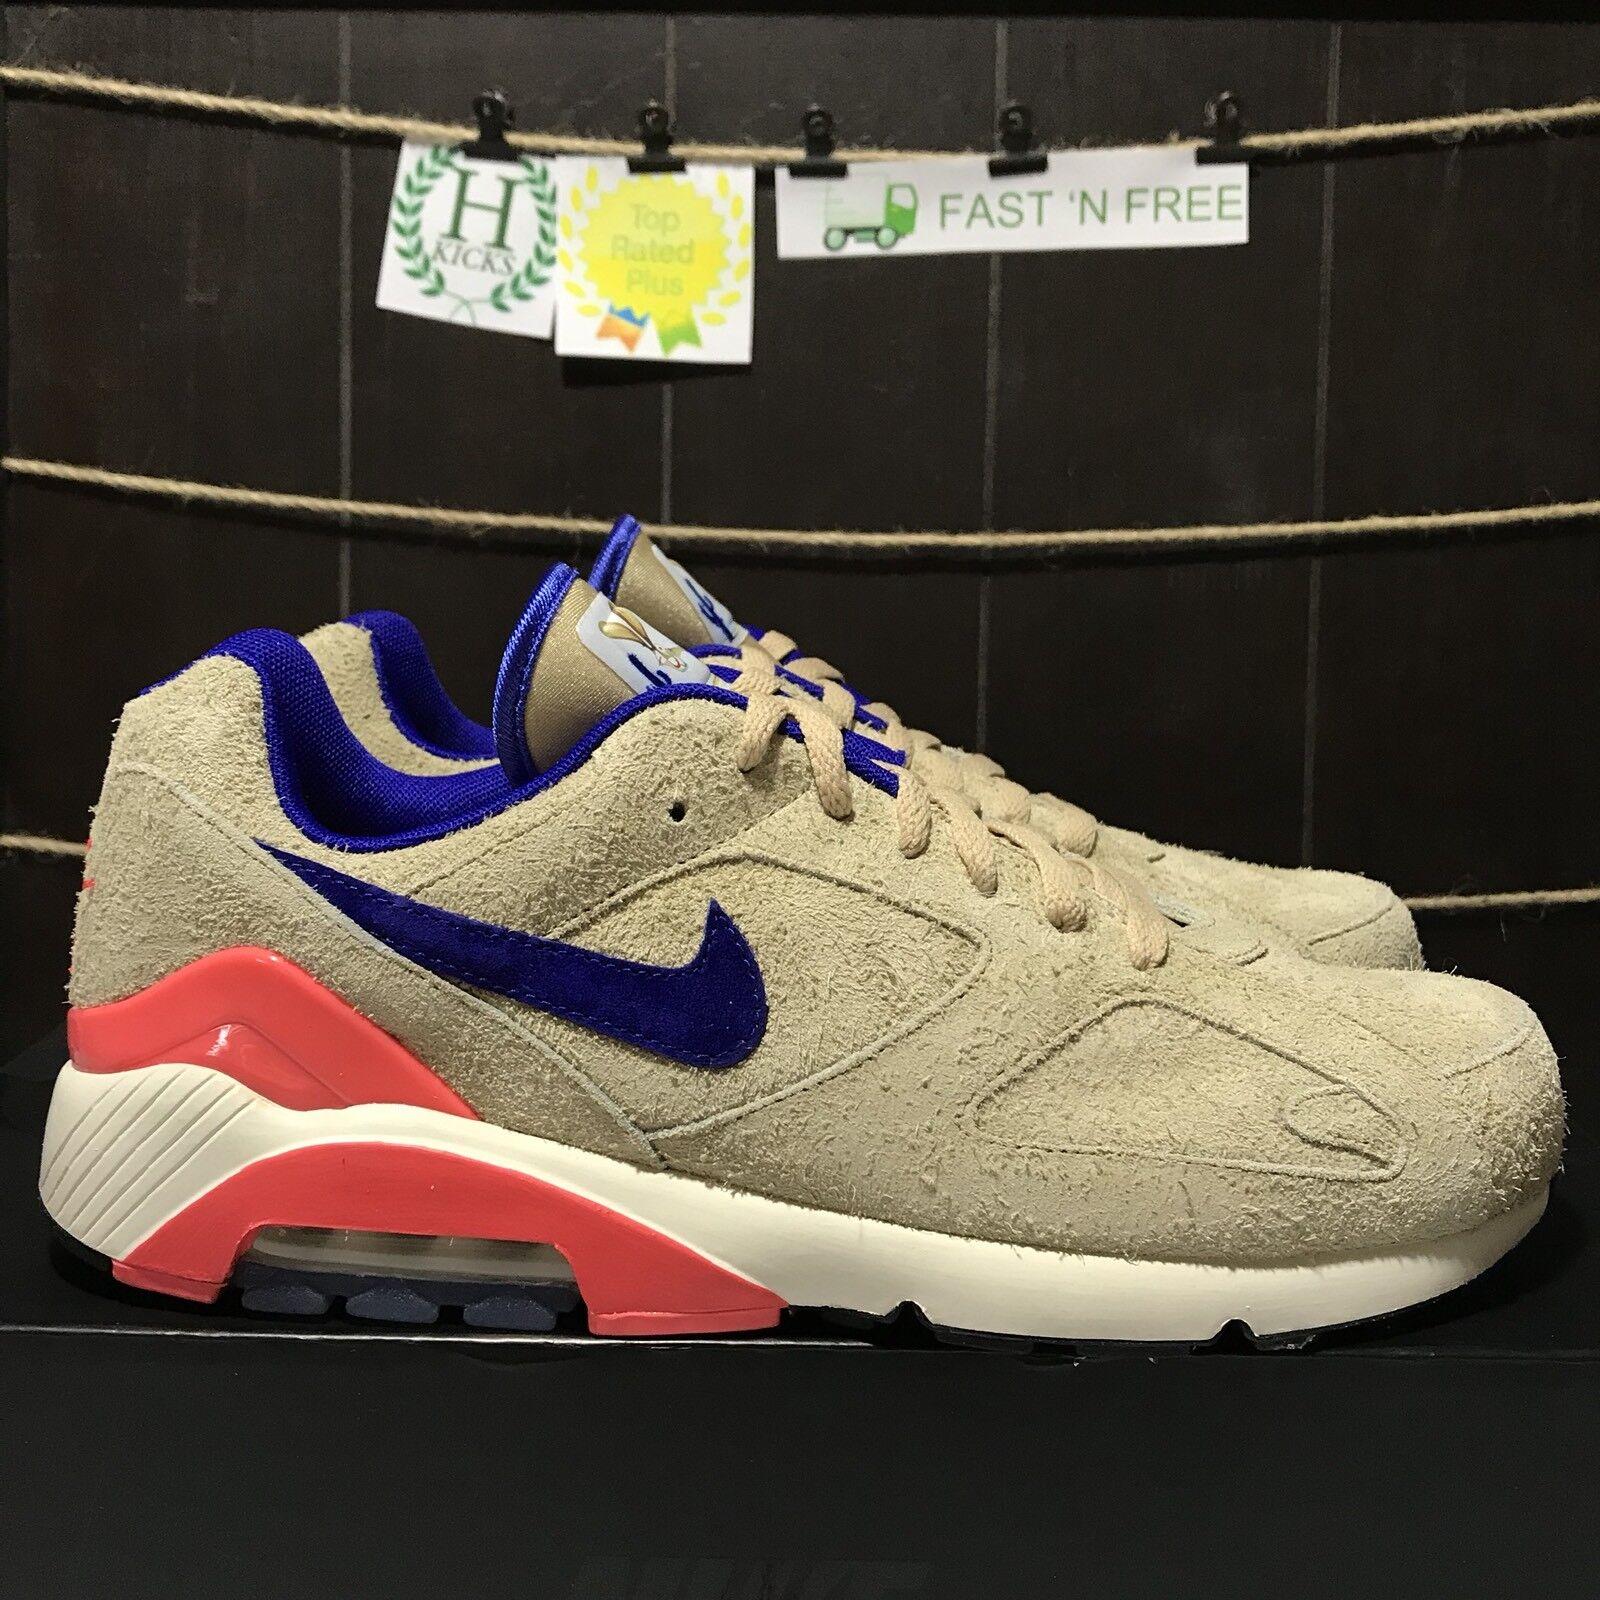 Nike Air Max 180 Air Max Day Ralph Steadman Fur Pink Blue BQ0739 993 Size 11